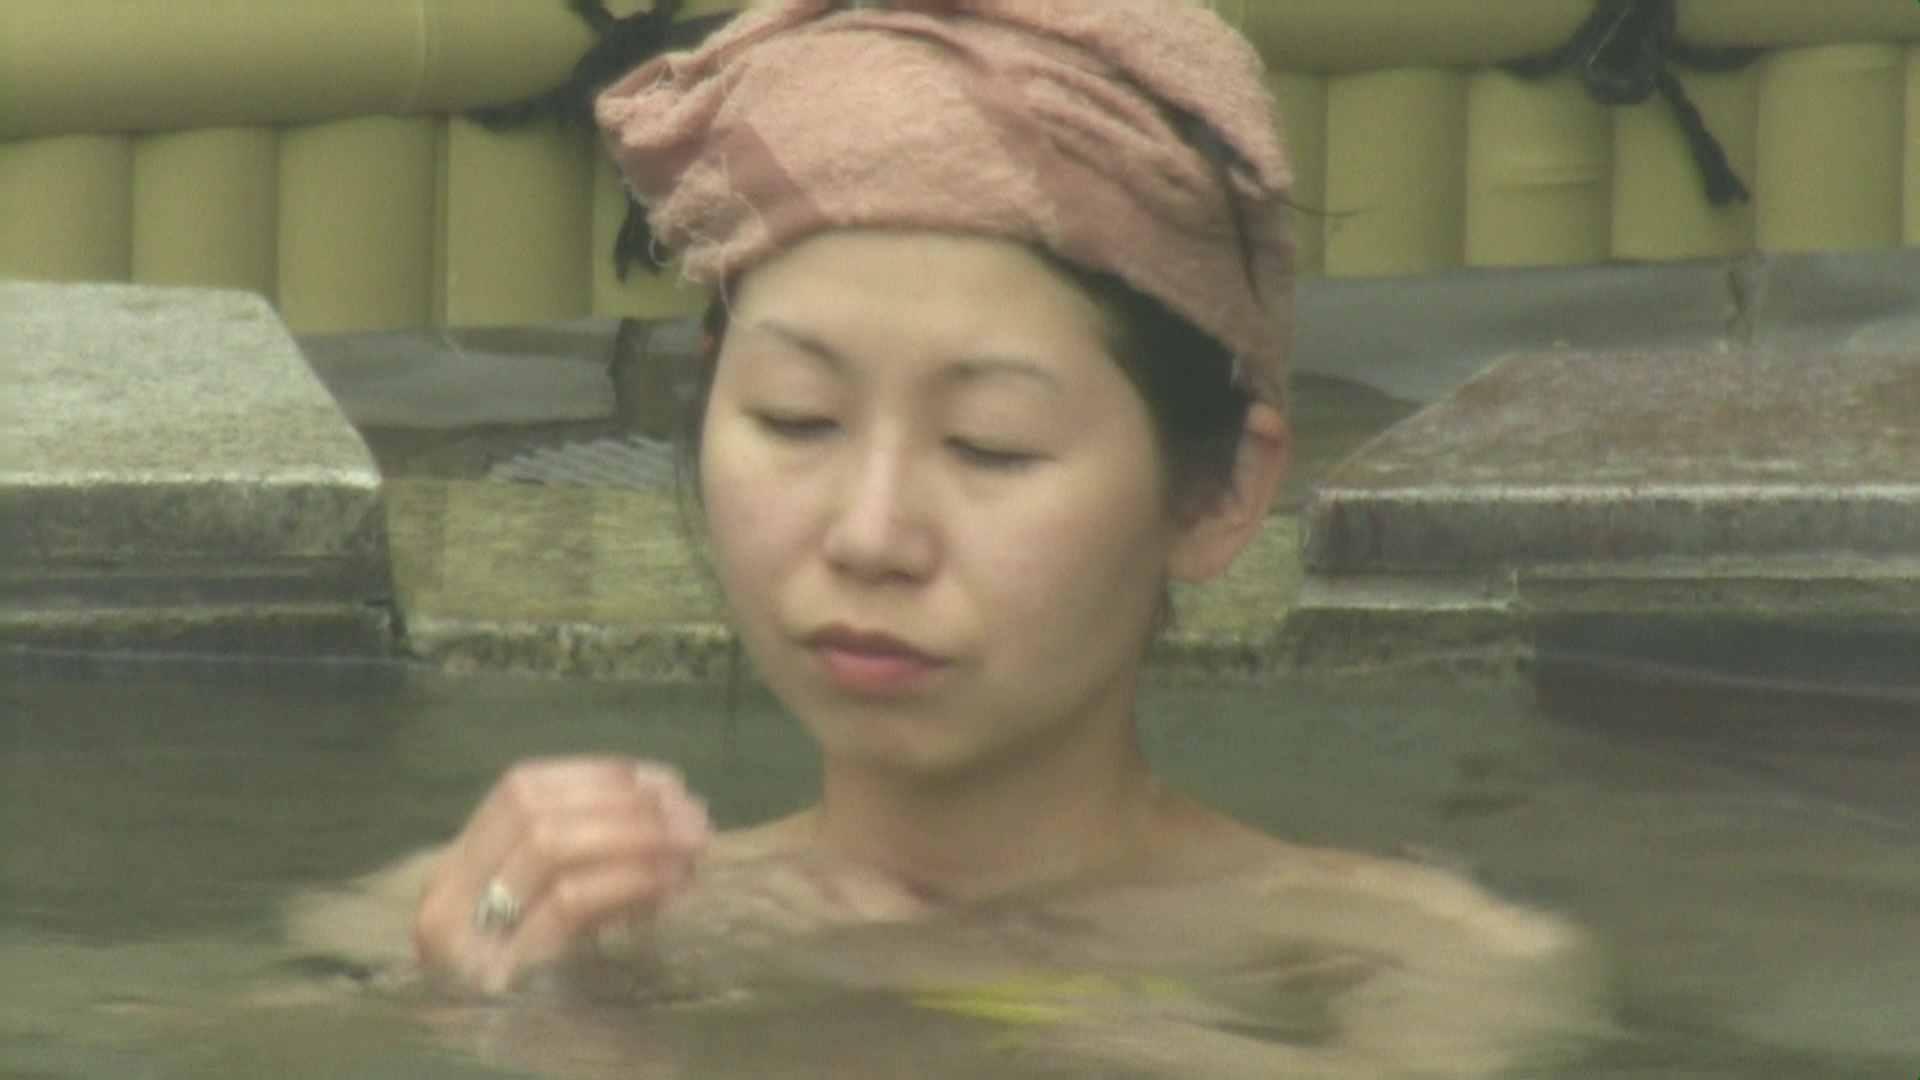 高画質露天女風呂観察 vol.023 乙女のエロ動画 SEX無修正画像 76PIX 76